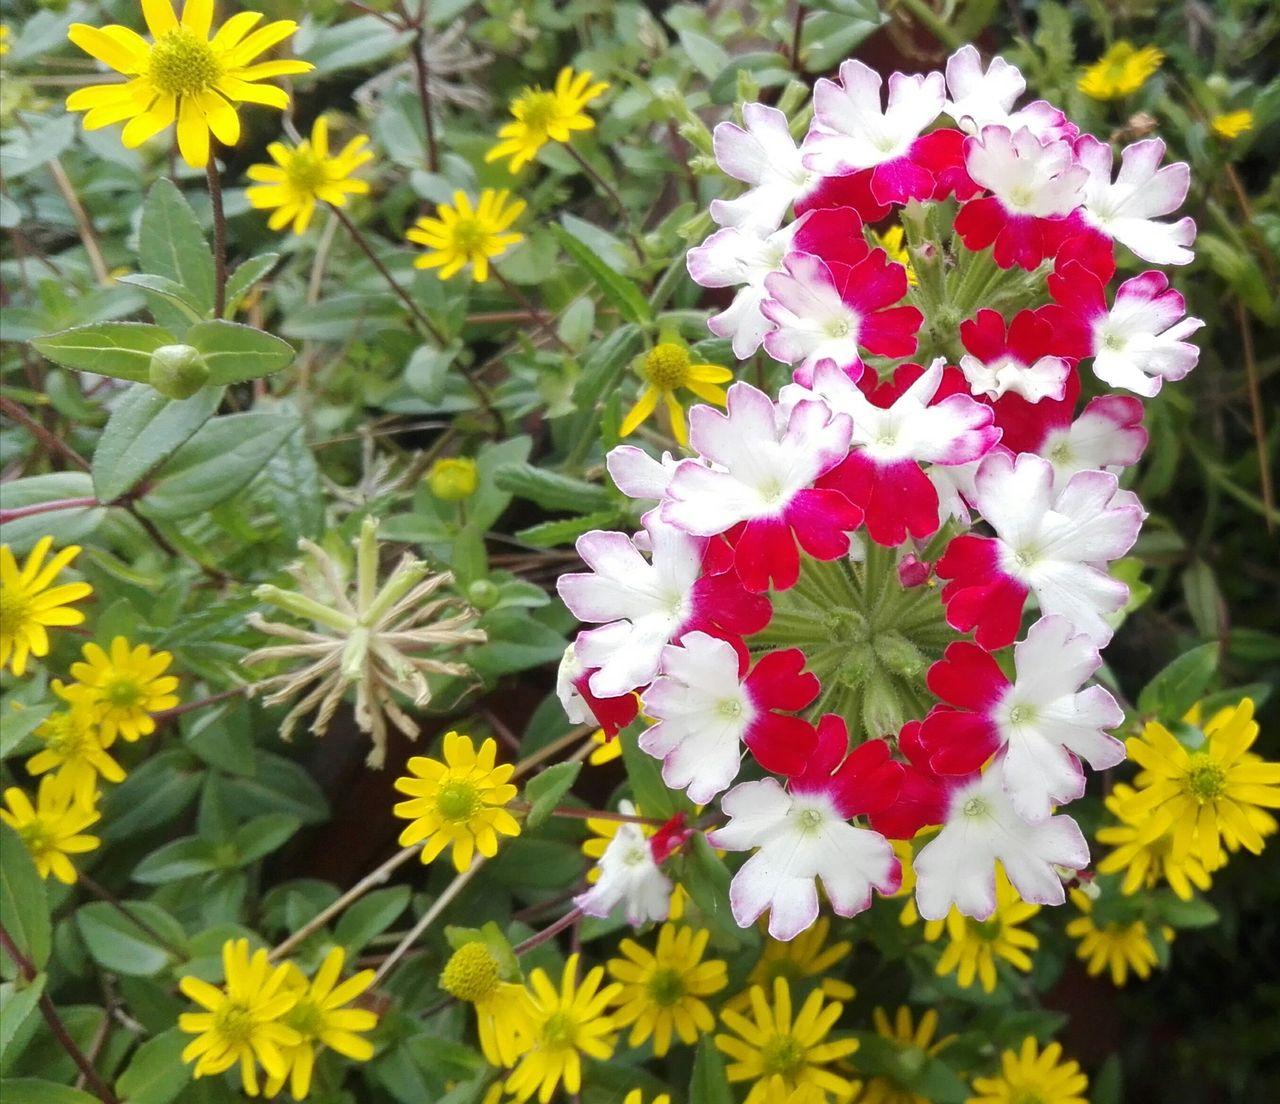 Lustige Blumen - Beet, Grün, Rosa, Pink Von Brigitte Schäfer für Lustige Blumenbilder